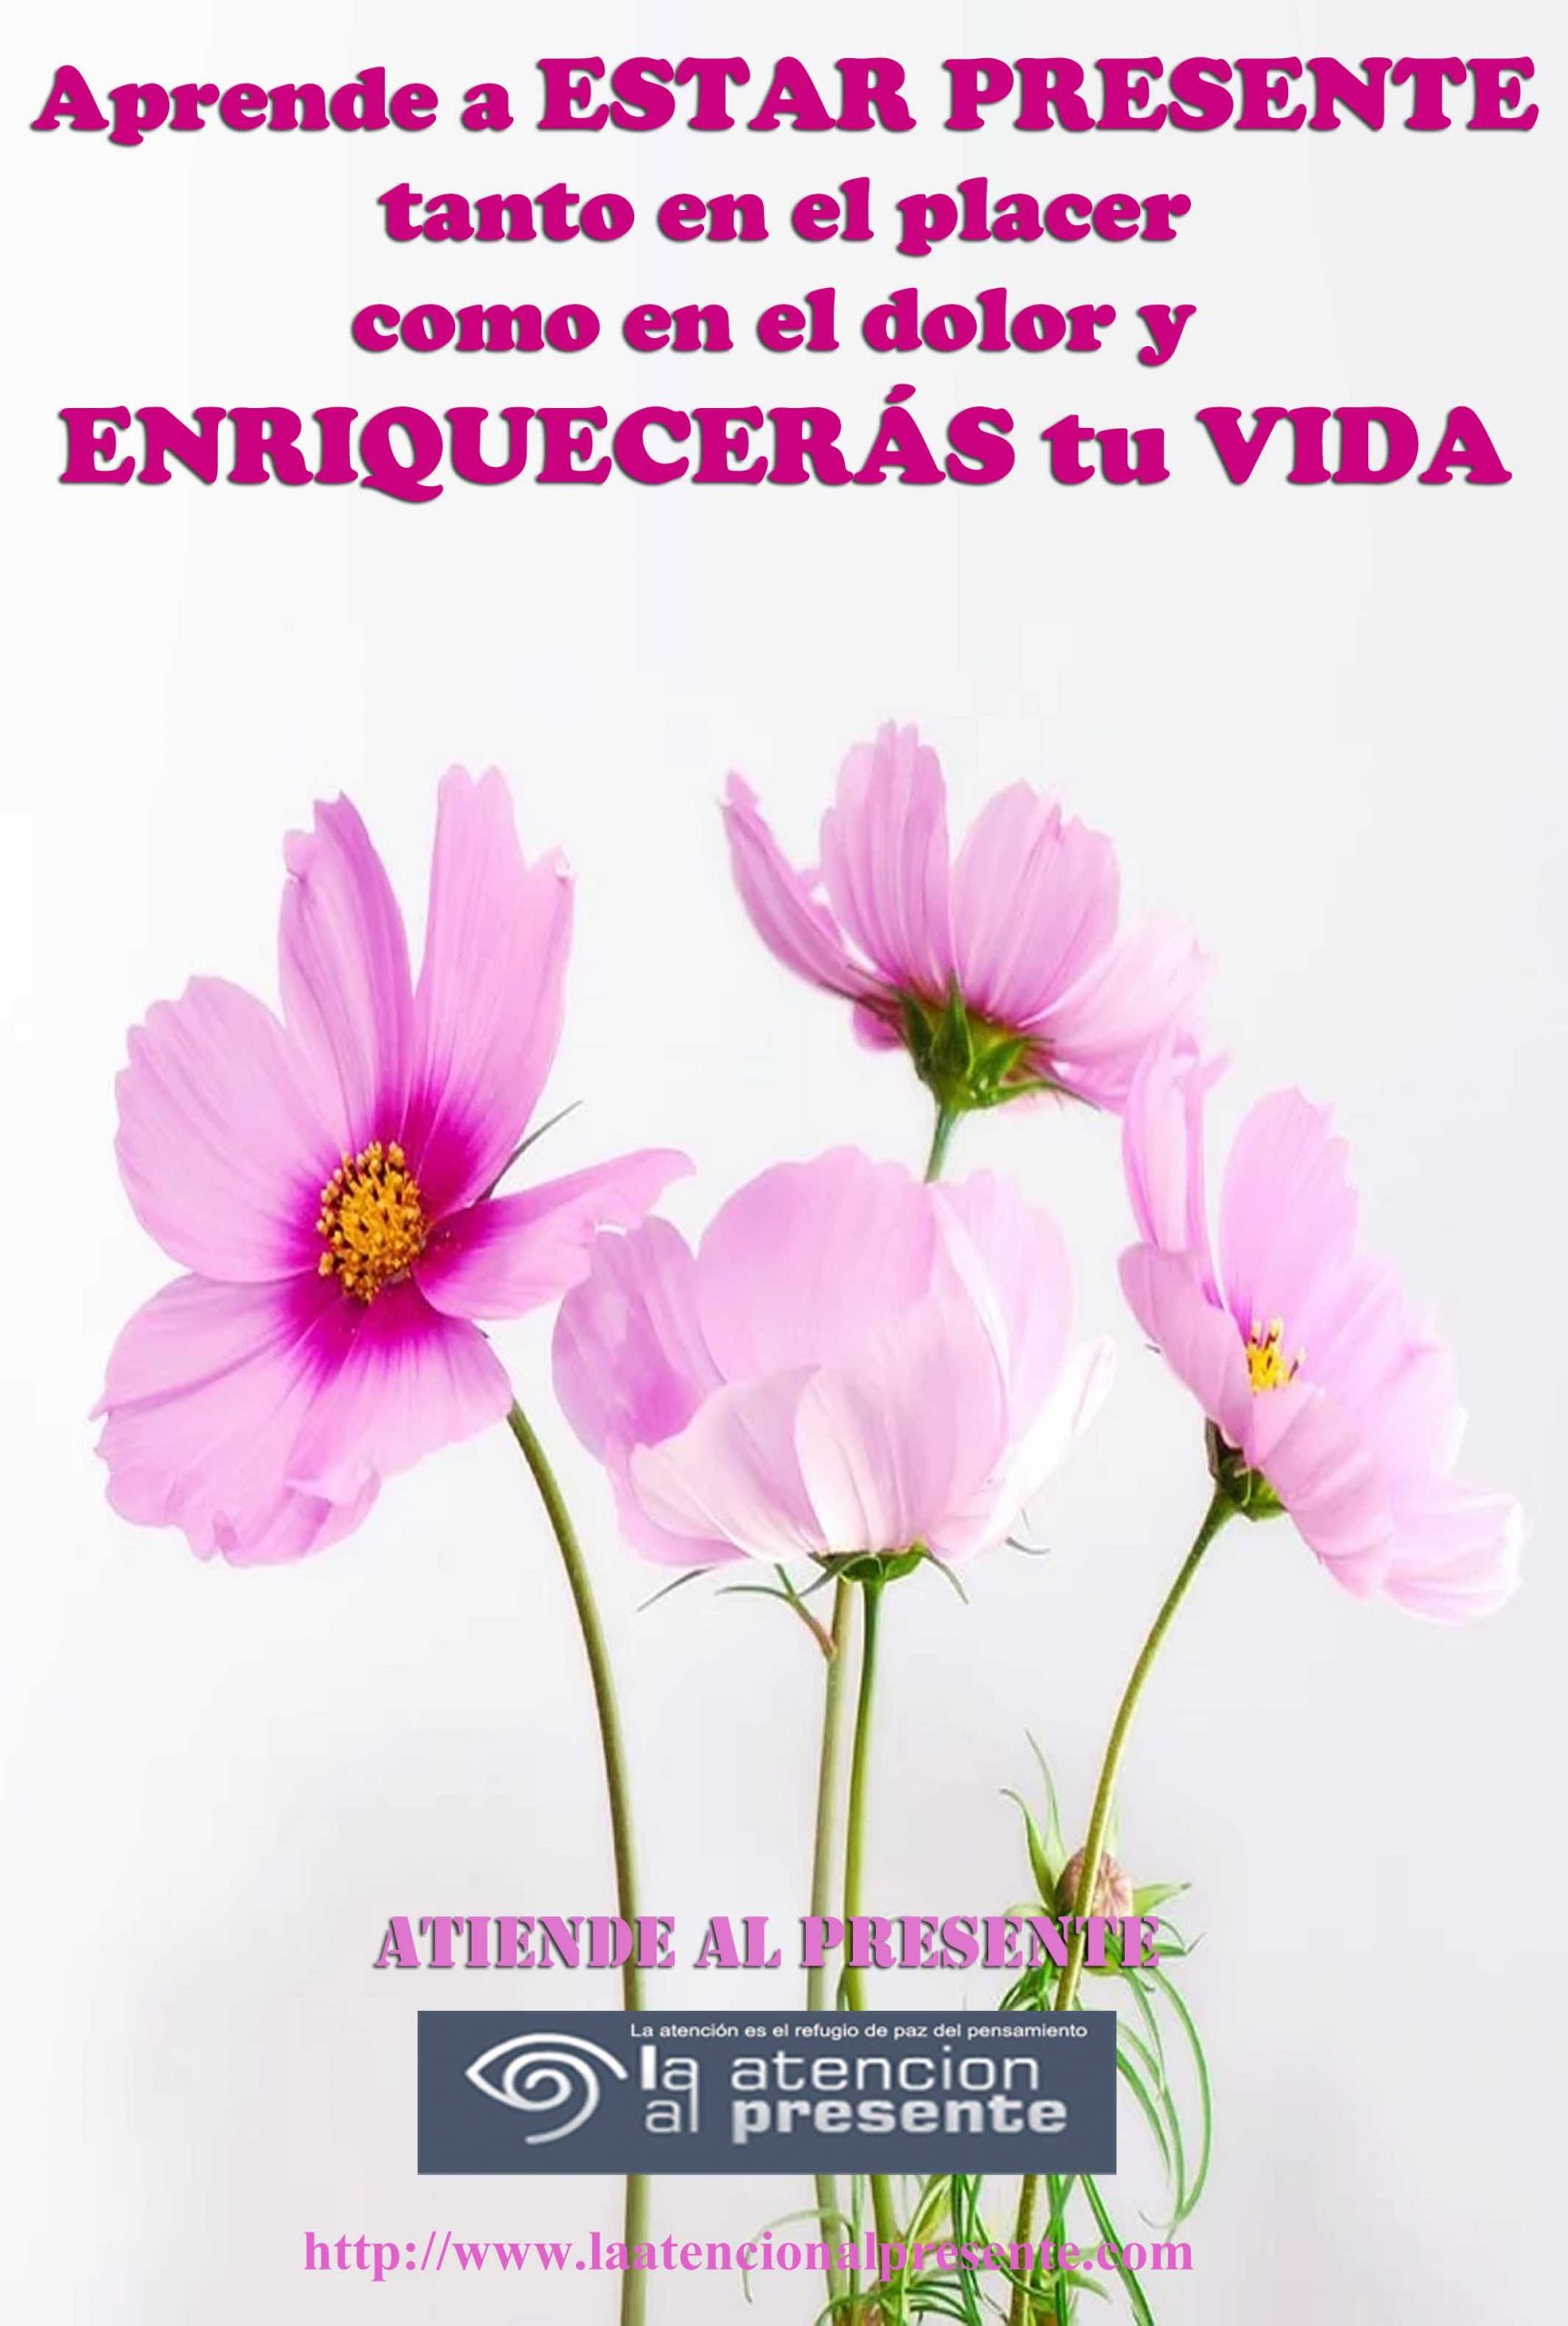 10 de Julio Esteban Aprende a ESTAR PRESENTE Tanto en el placer como en el dolor y ENRIQUECERÁS tu VIDA min scaled